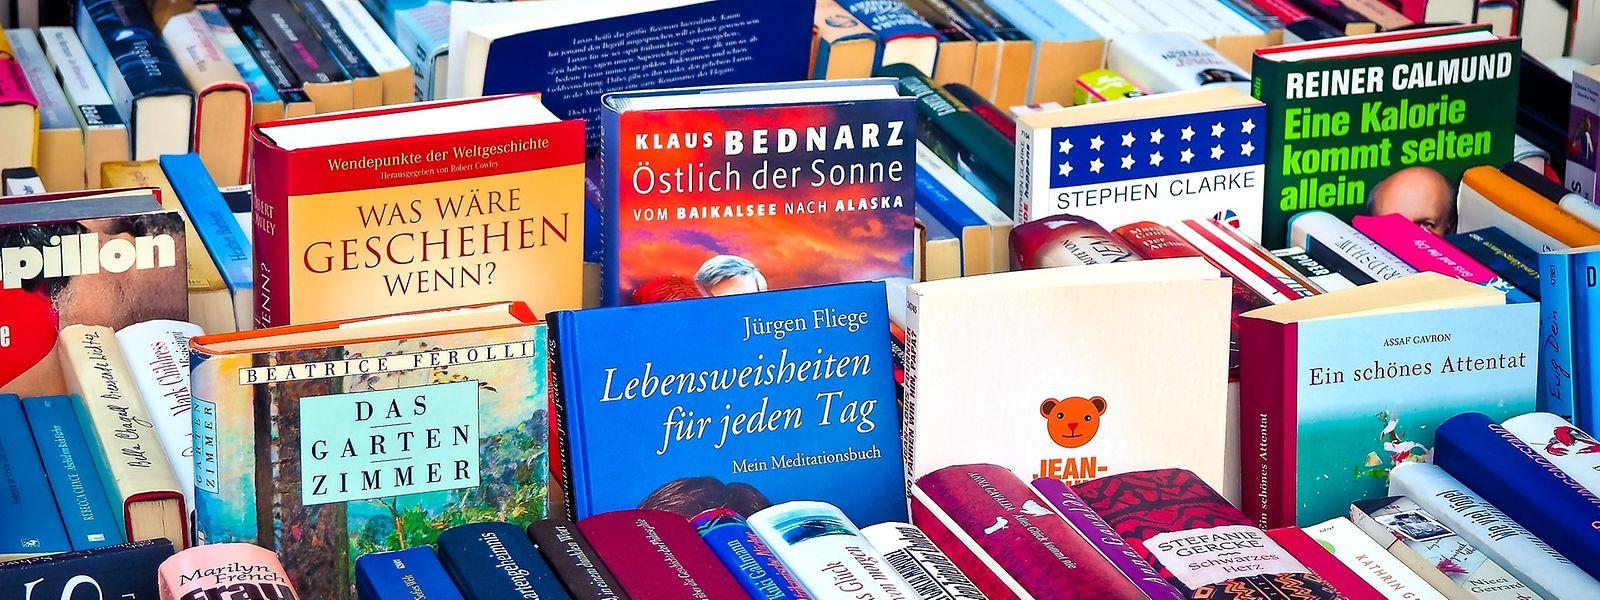 Les livres d'occasion bénéficient d'ores et déjà d'une taxe réduite, rappelle Pierre Gramegna.